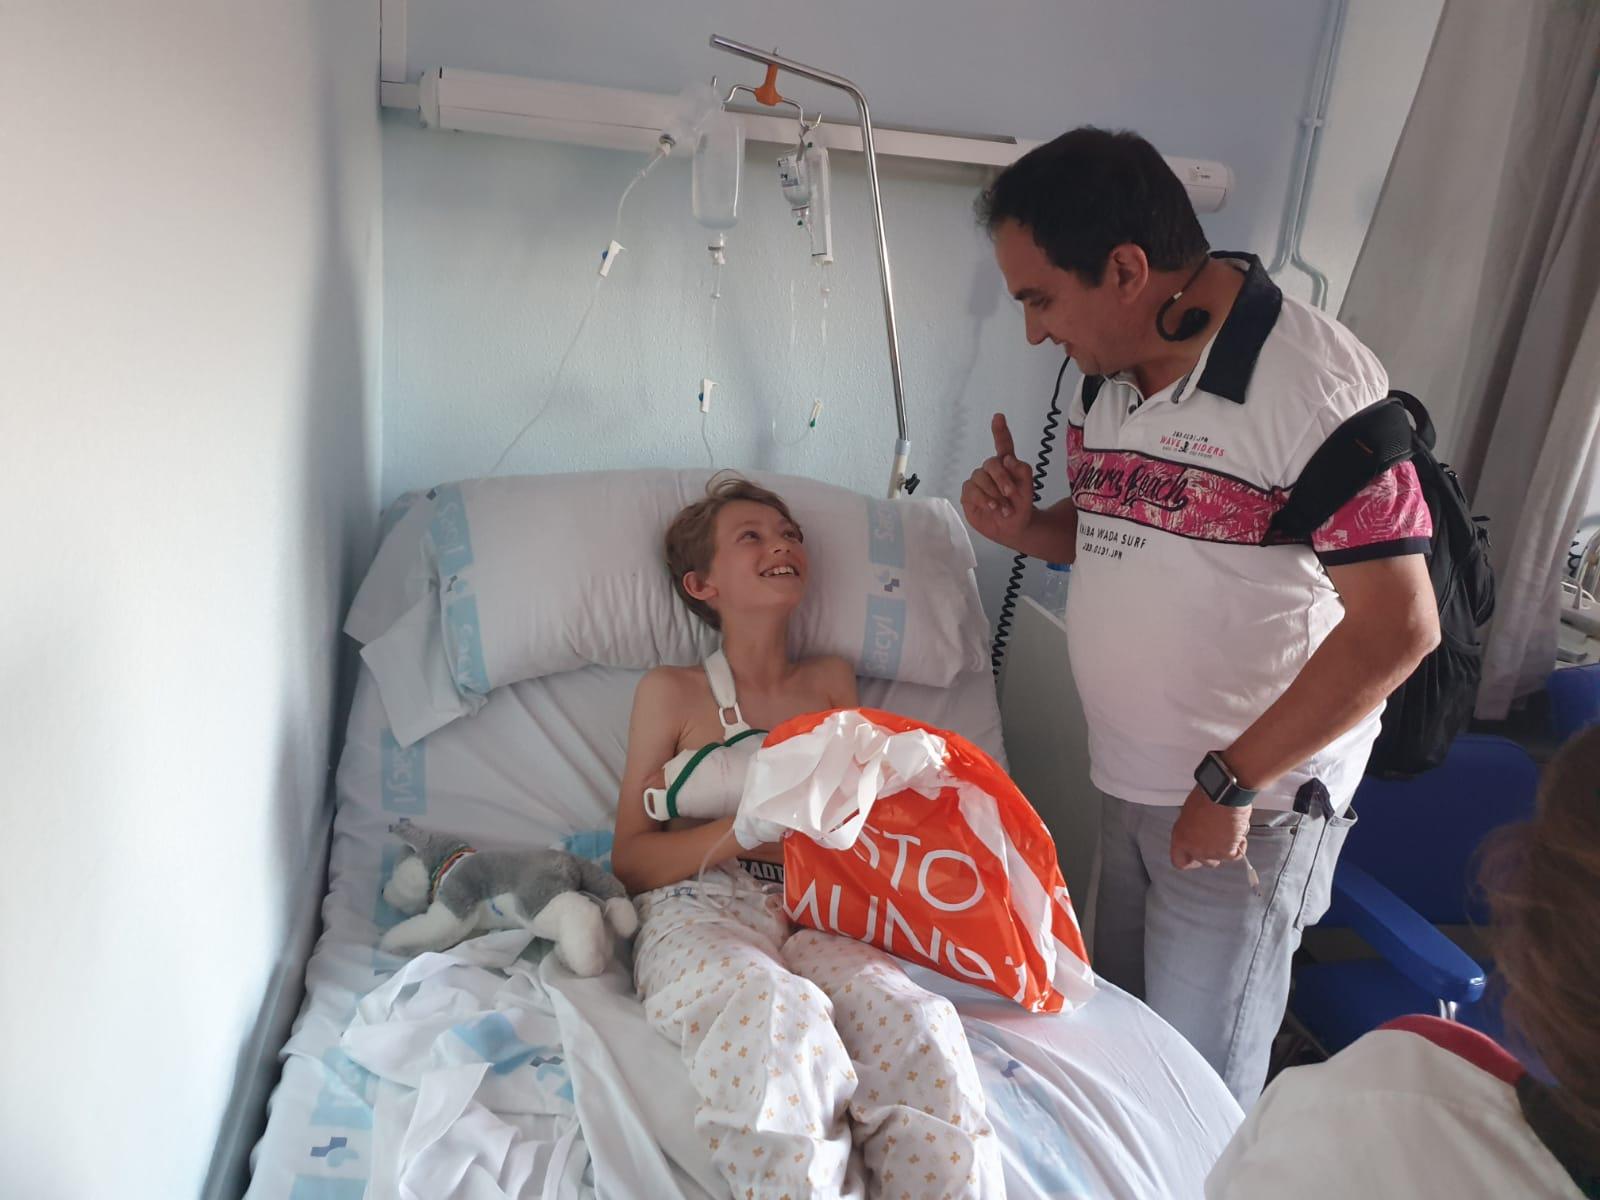 JOSE LUIS FERNANDEZ POR MOTIVOS PERSONALES Y LABORALES DEJA NUESTRO CLUB